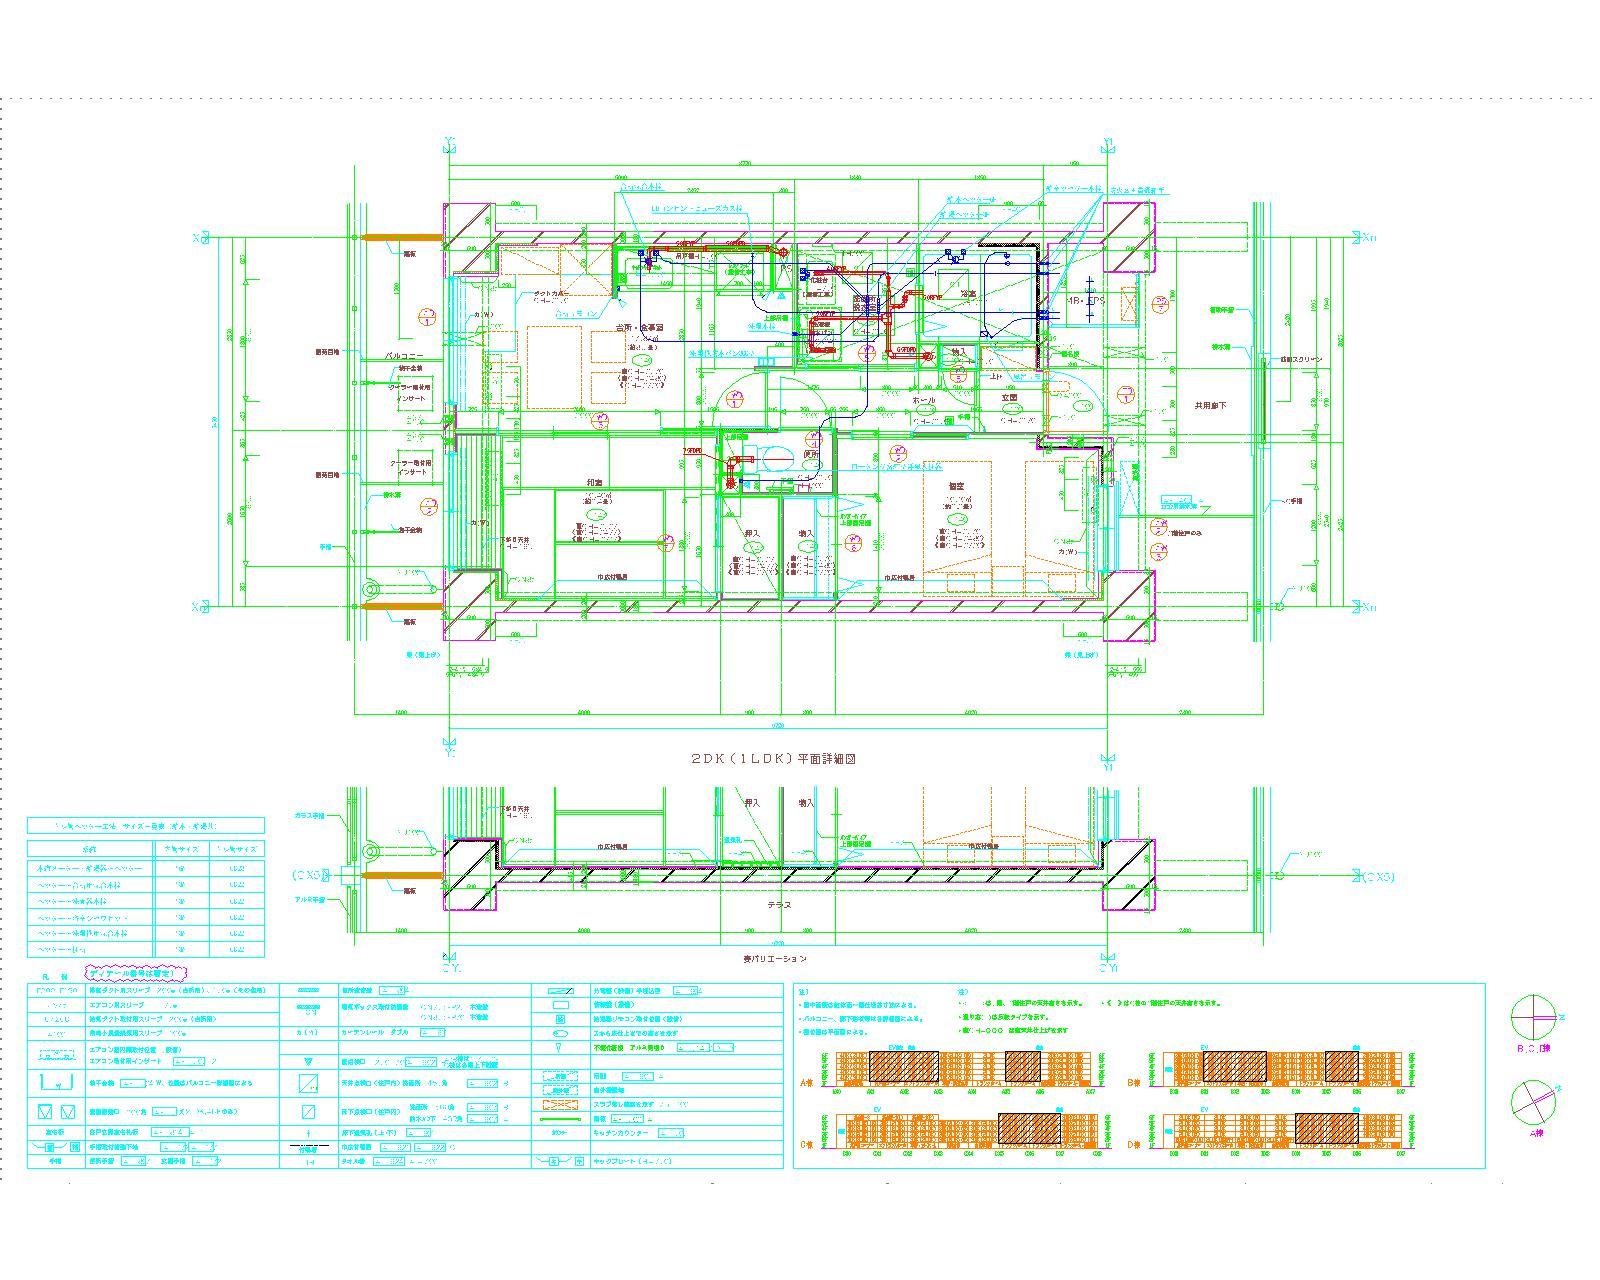 給排水衛生設備 2DK(1LDK)平面詳細図 -検討 150724-モデル